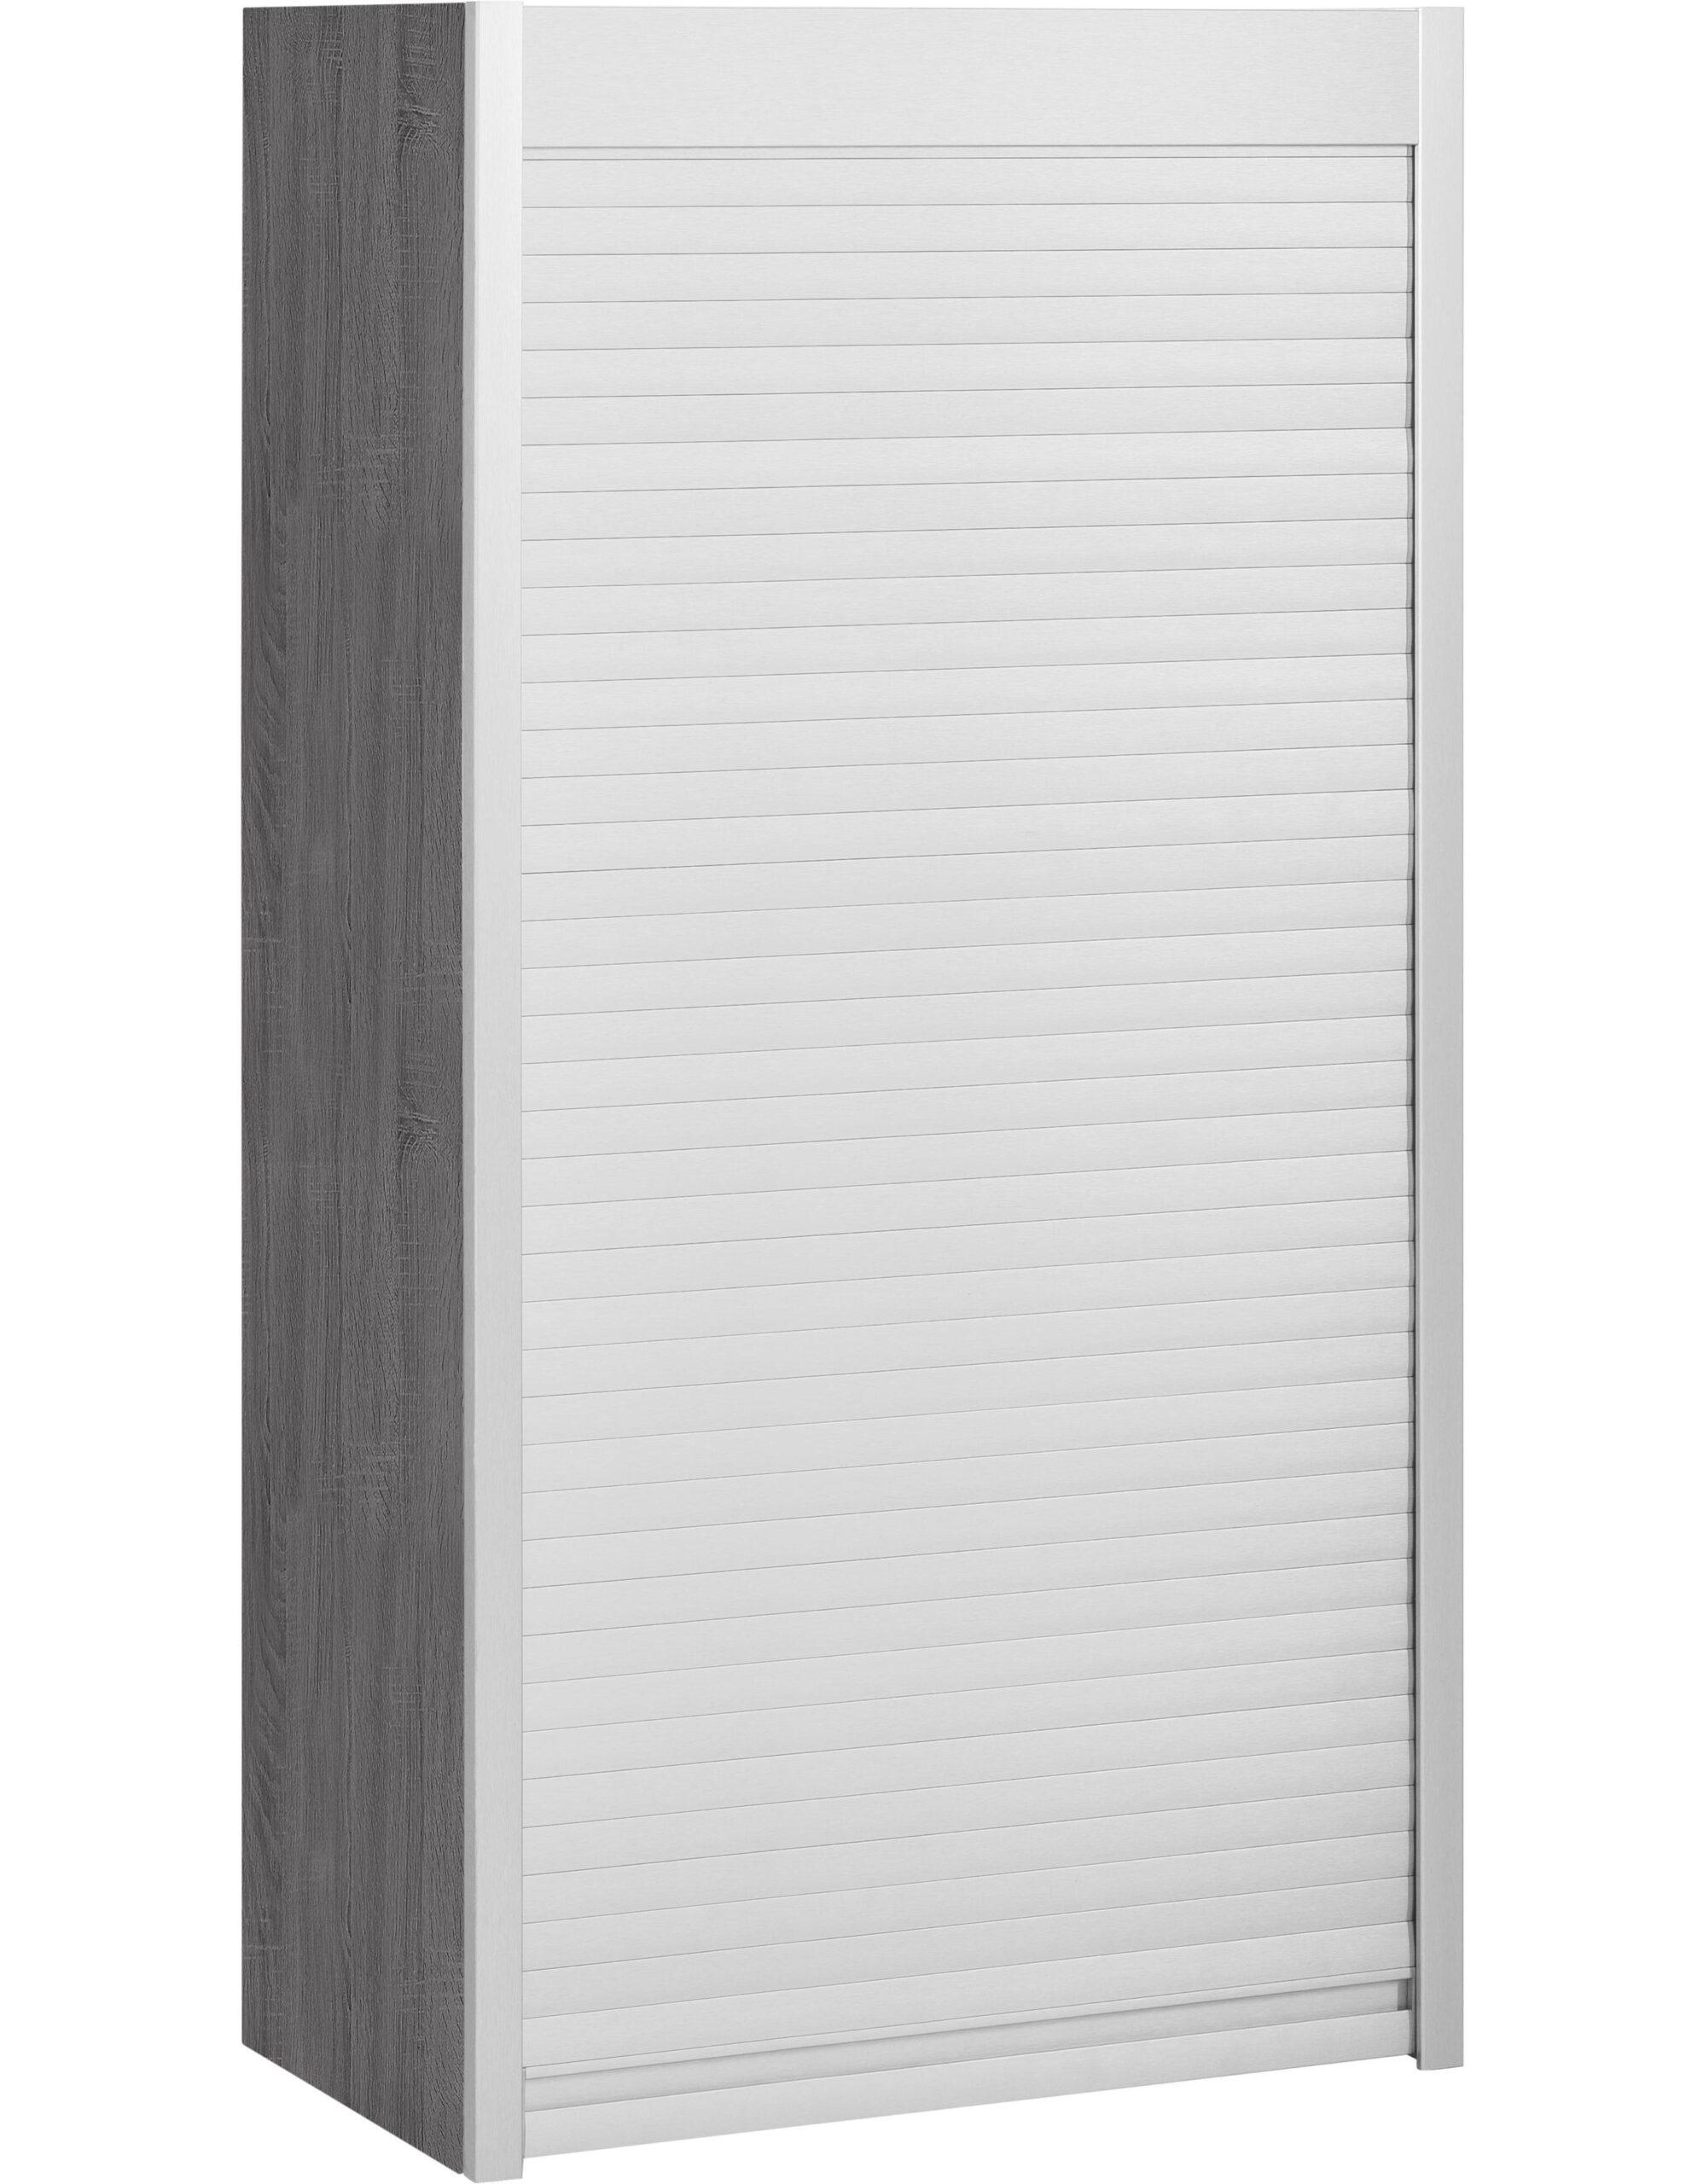 Full Size of Küche Günstig Kaufen Einbauküche Ohne Kühlschrank Vorhänge Ikea Hochglanz Grau Blende Grillplatte Amerikanische Thekentisch Kochinsel Wandverkleidung Wohnzimmer Aufsatz Jalousieschrank Küche Ikea